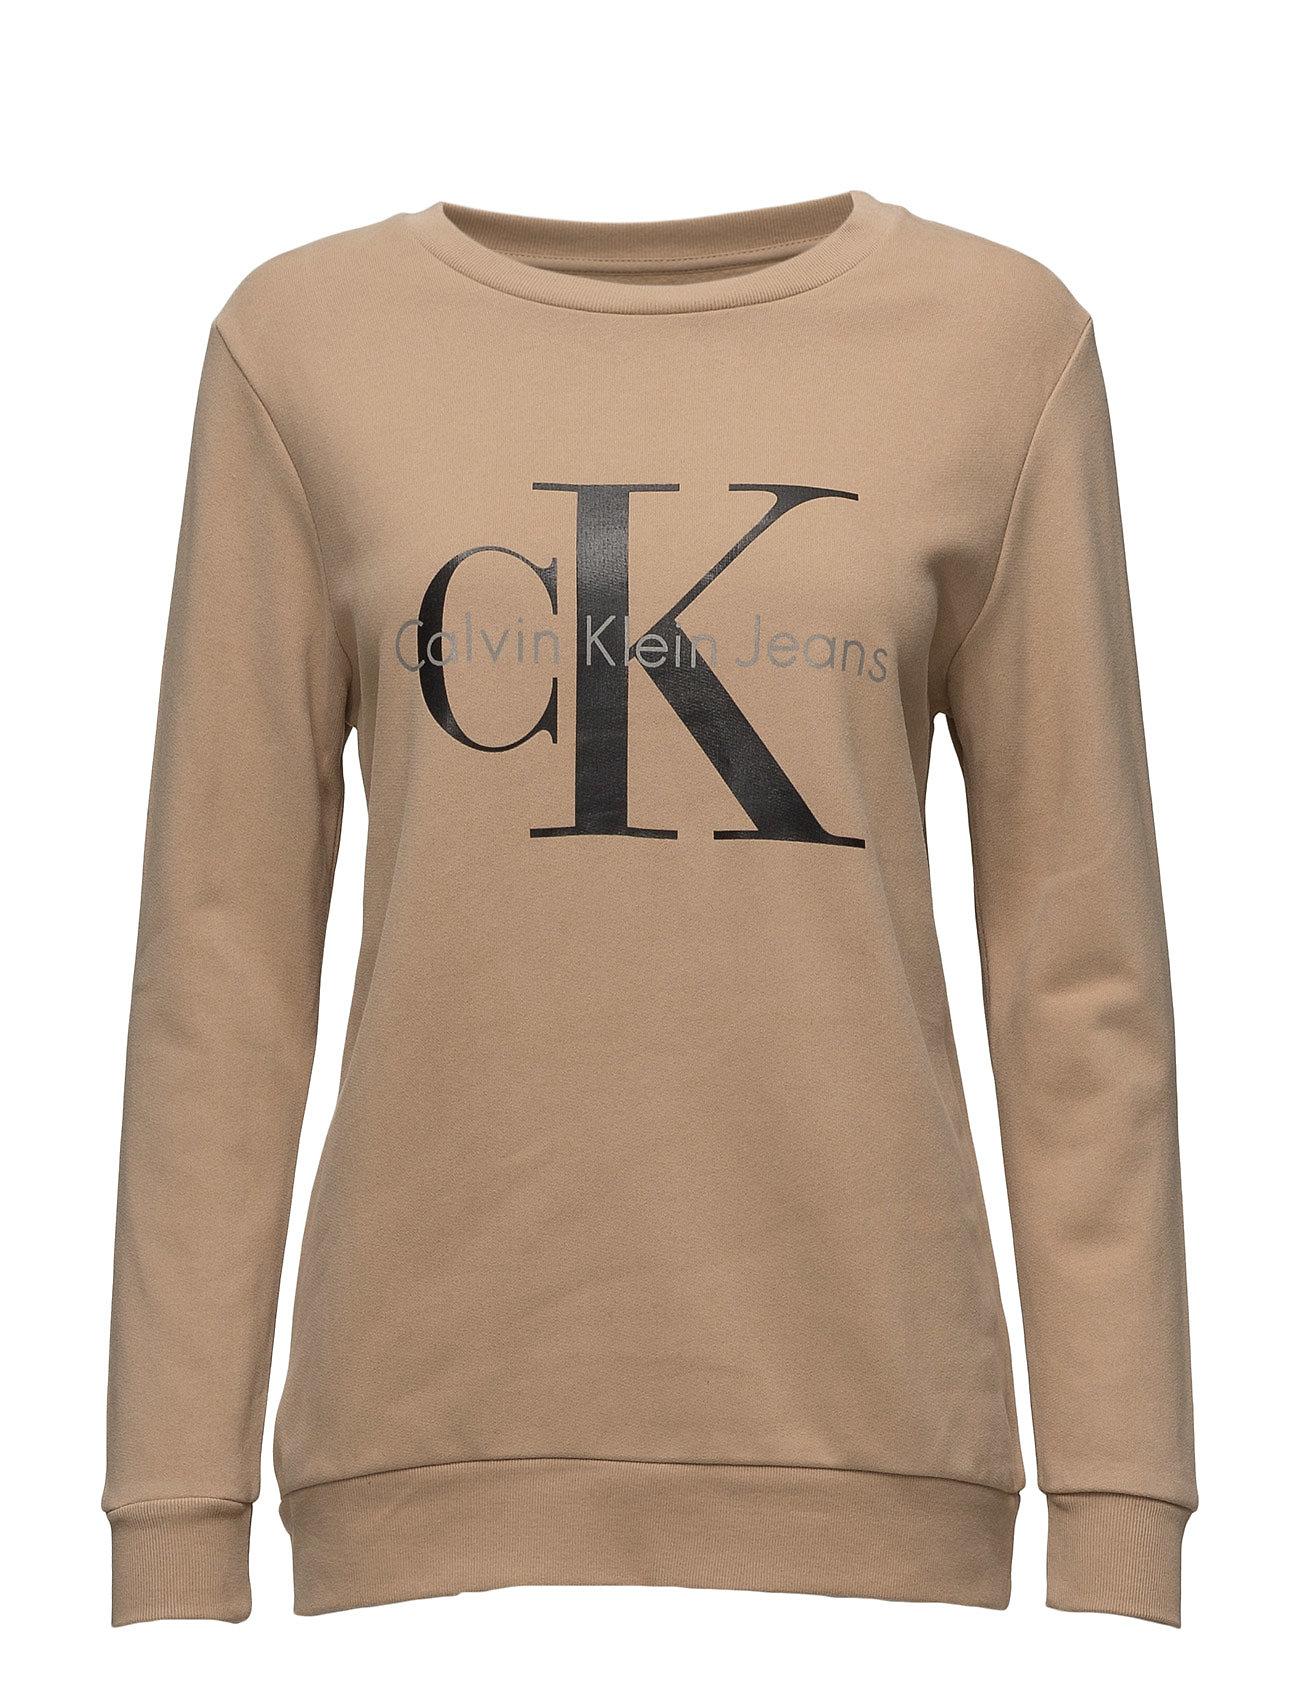 5c813aaed7cf Find Crew Neck Hwk True I Calvin Klein Jeans i tannin til Damer i en online  fashion store